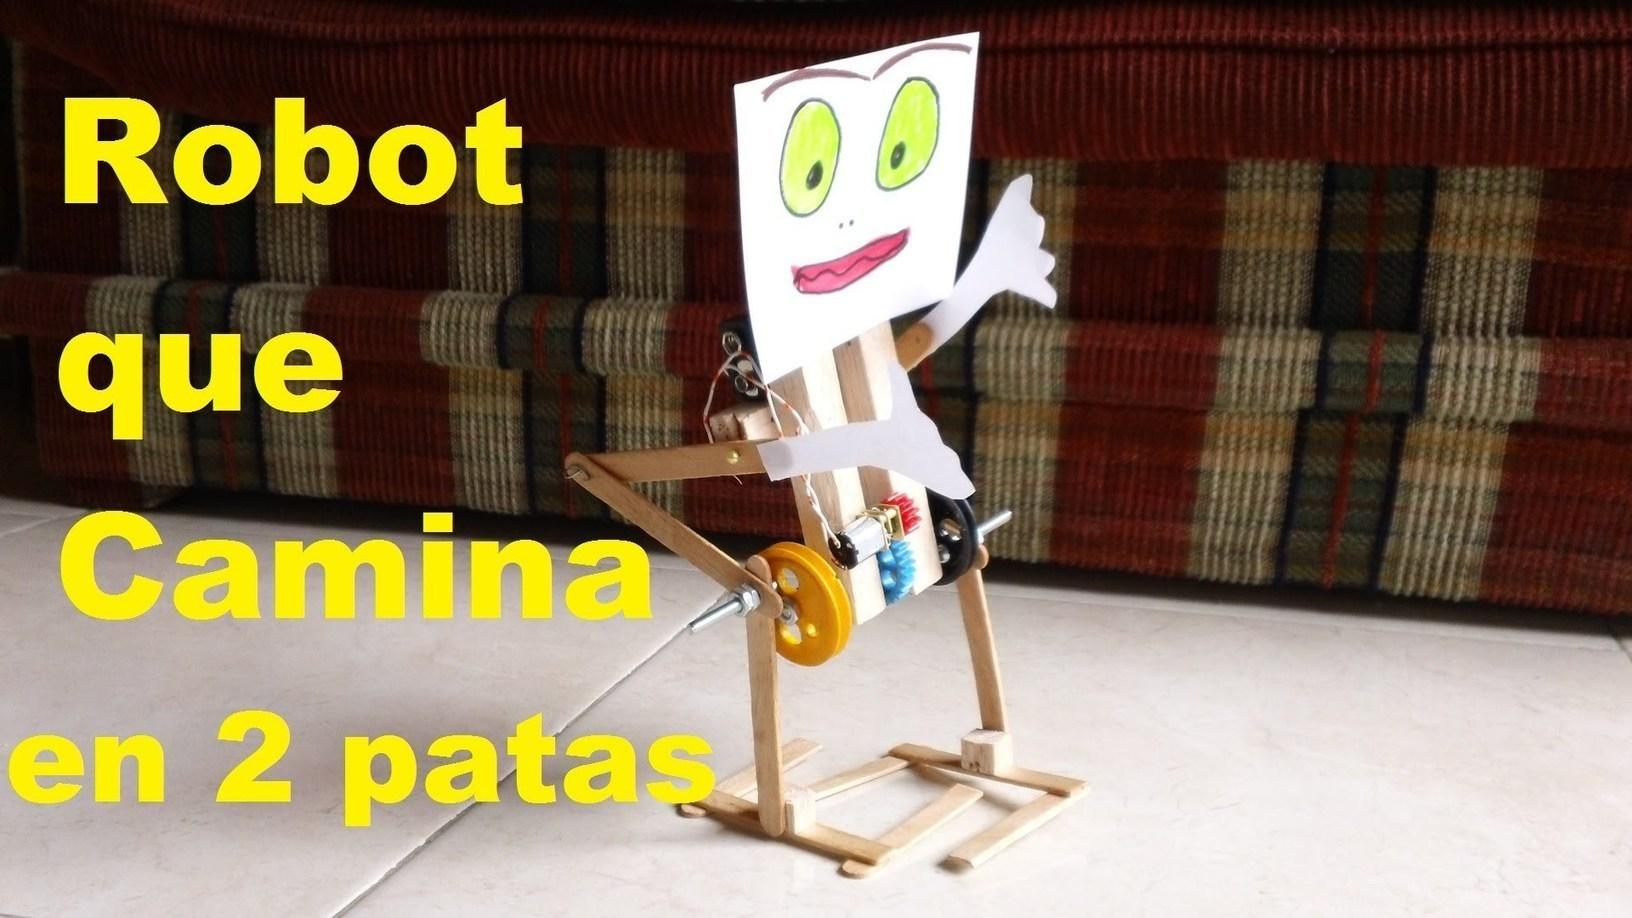 Free Online Cad Robot Caminante En 2 Patas F 225 Cil De Hac